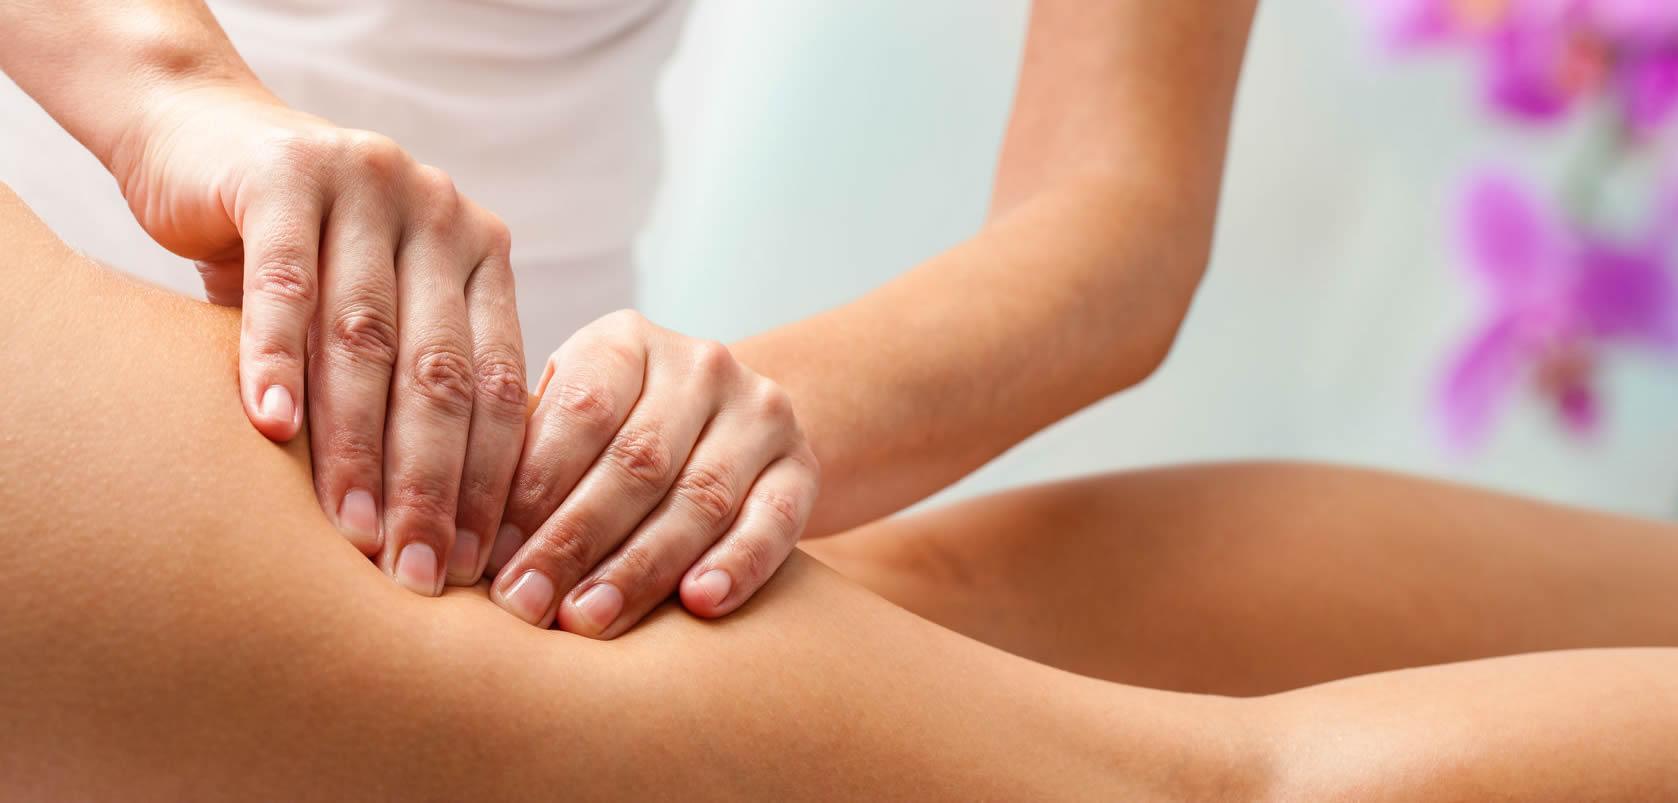 Антицеллюлитный массаж — одна из самых популярных процедур по уходу за телом